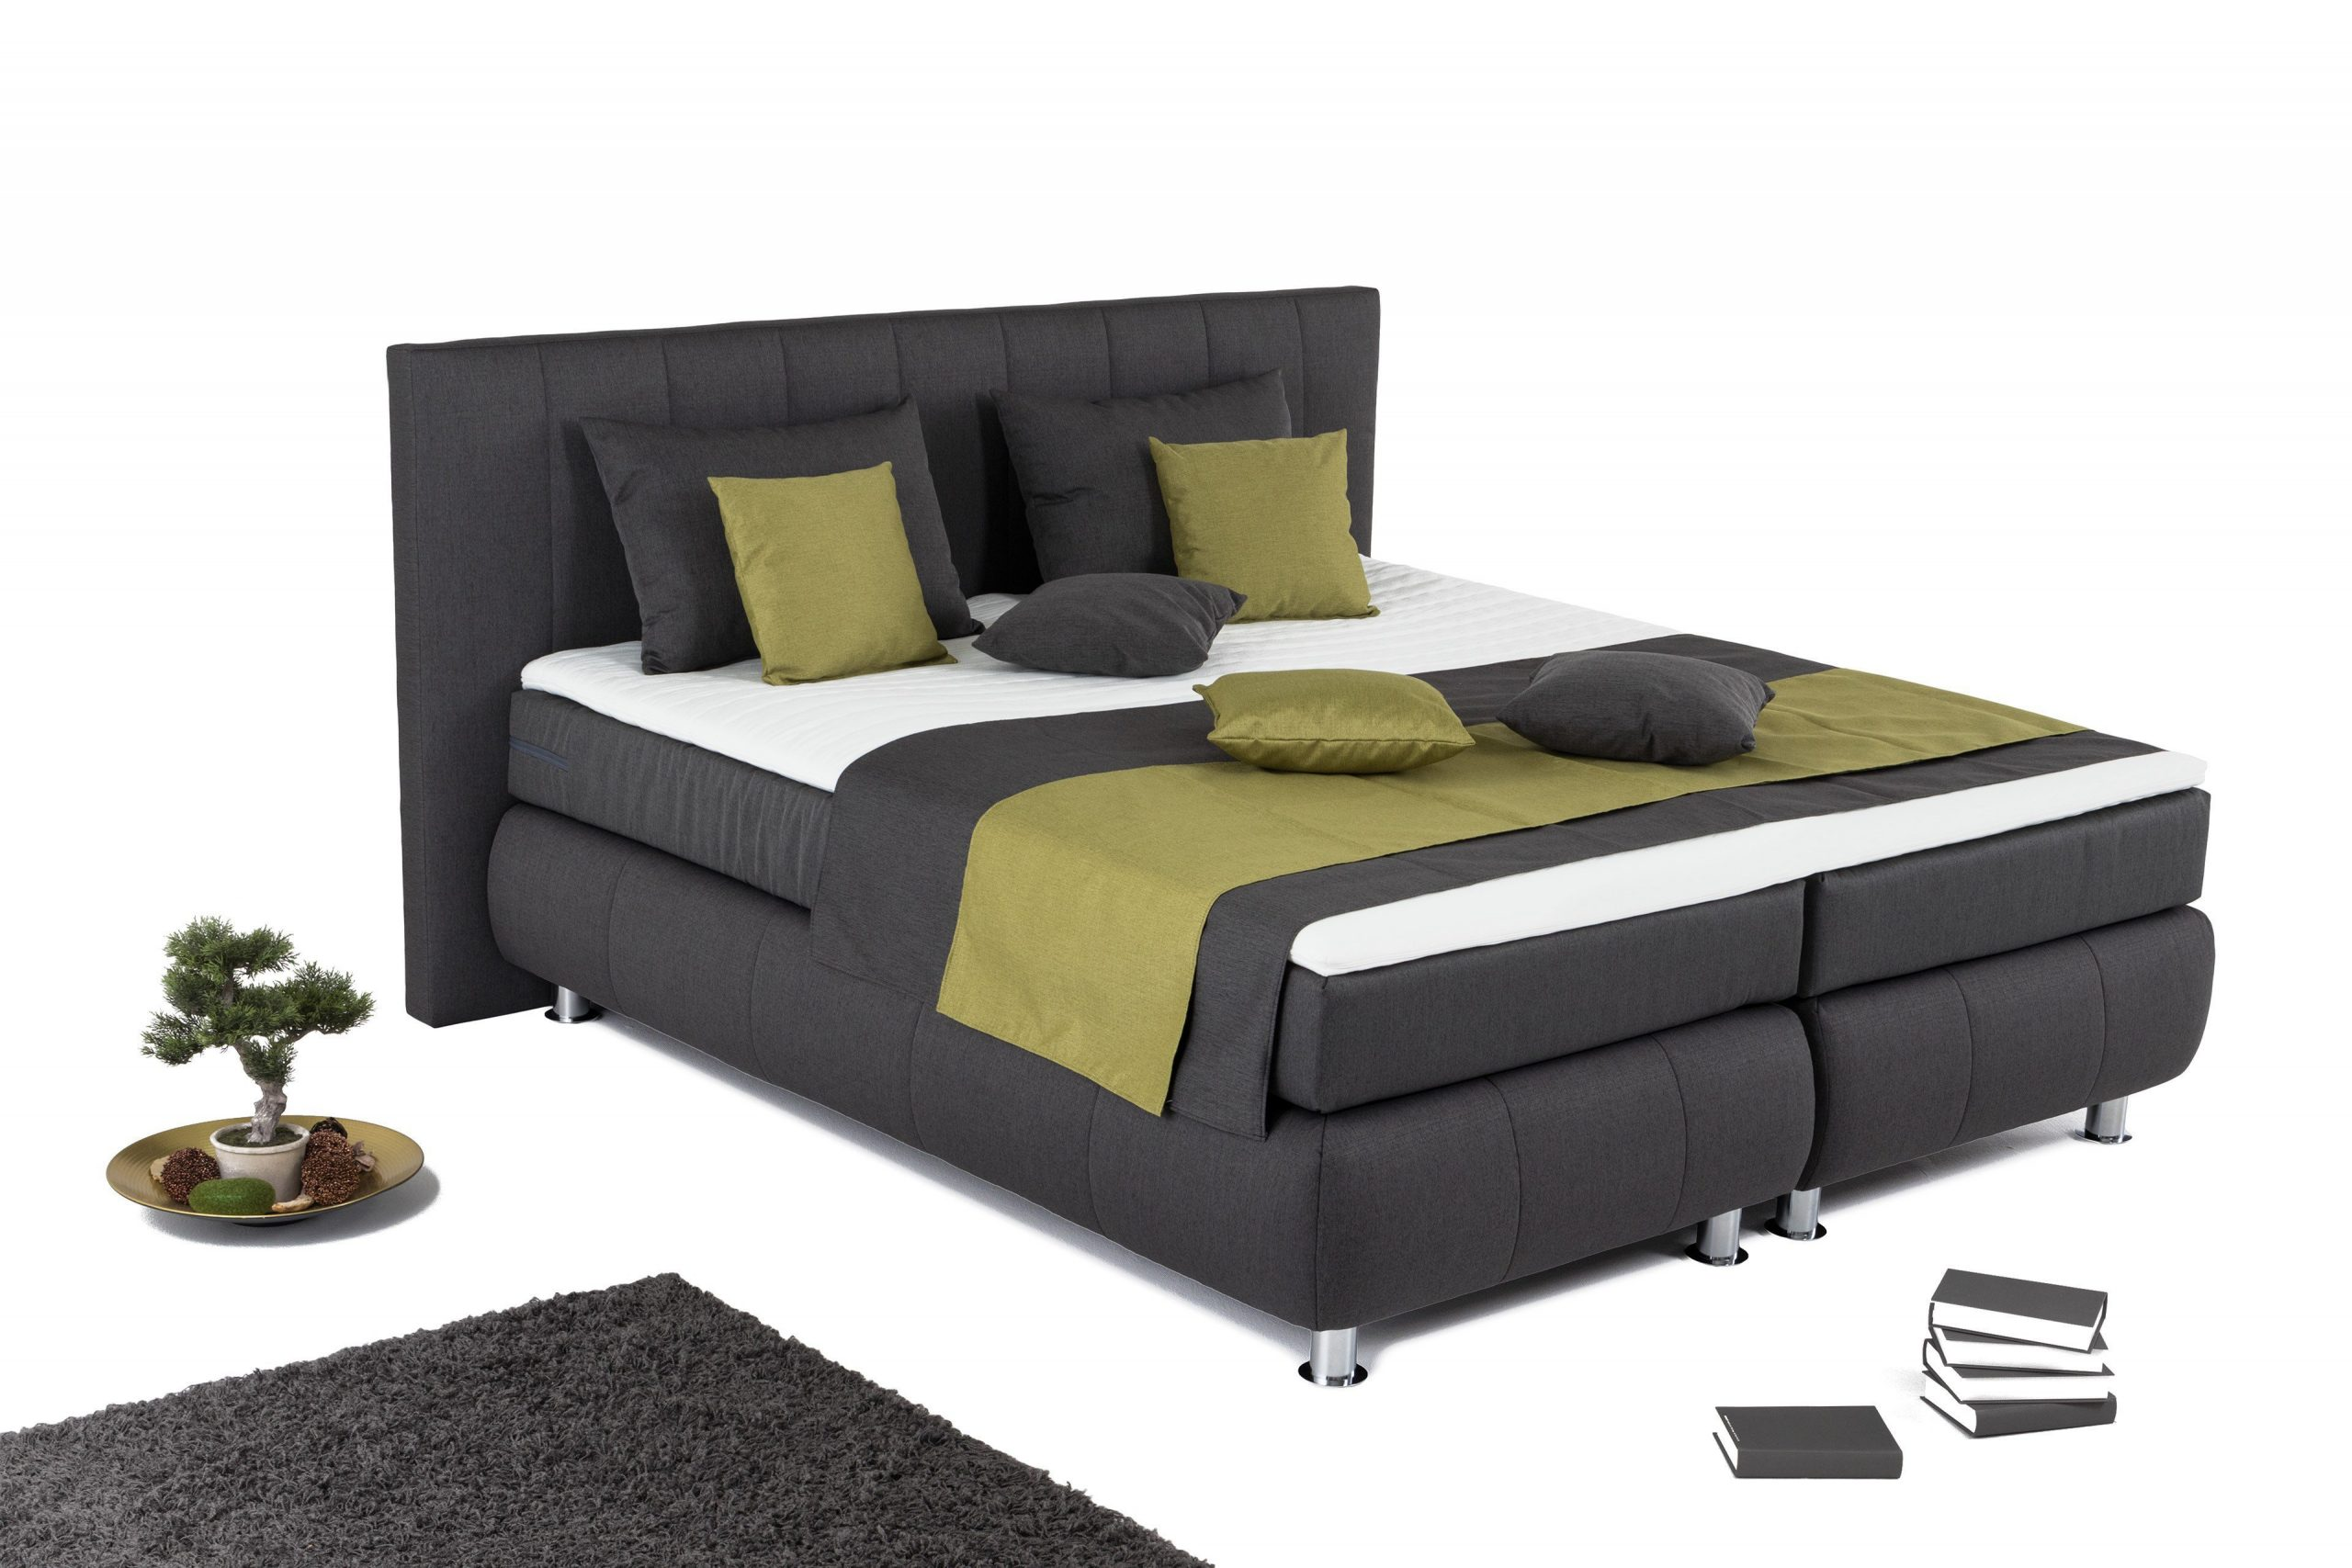 Breckle Betten Benningen Motel One Seelbach Test Northeim Kaufen